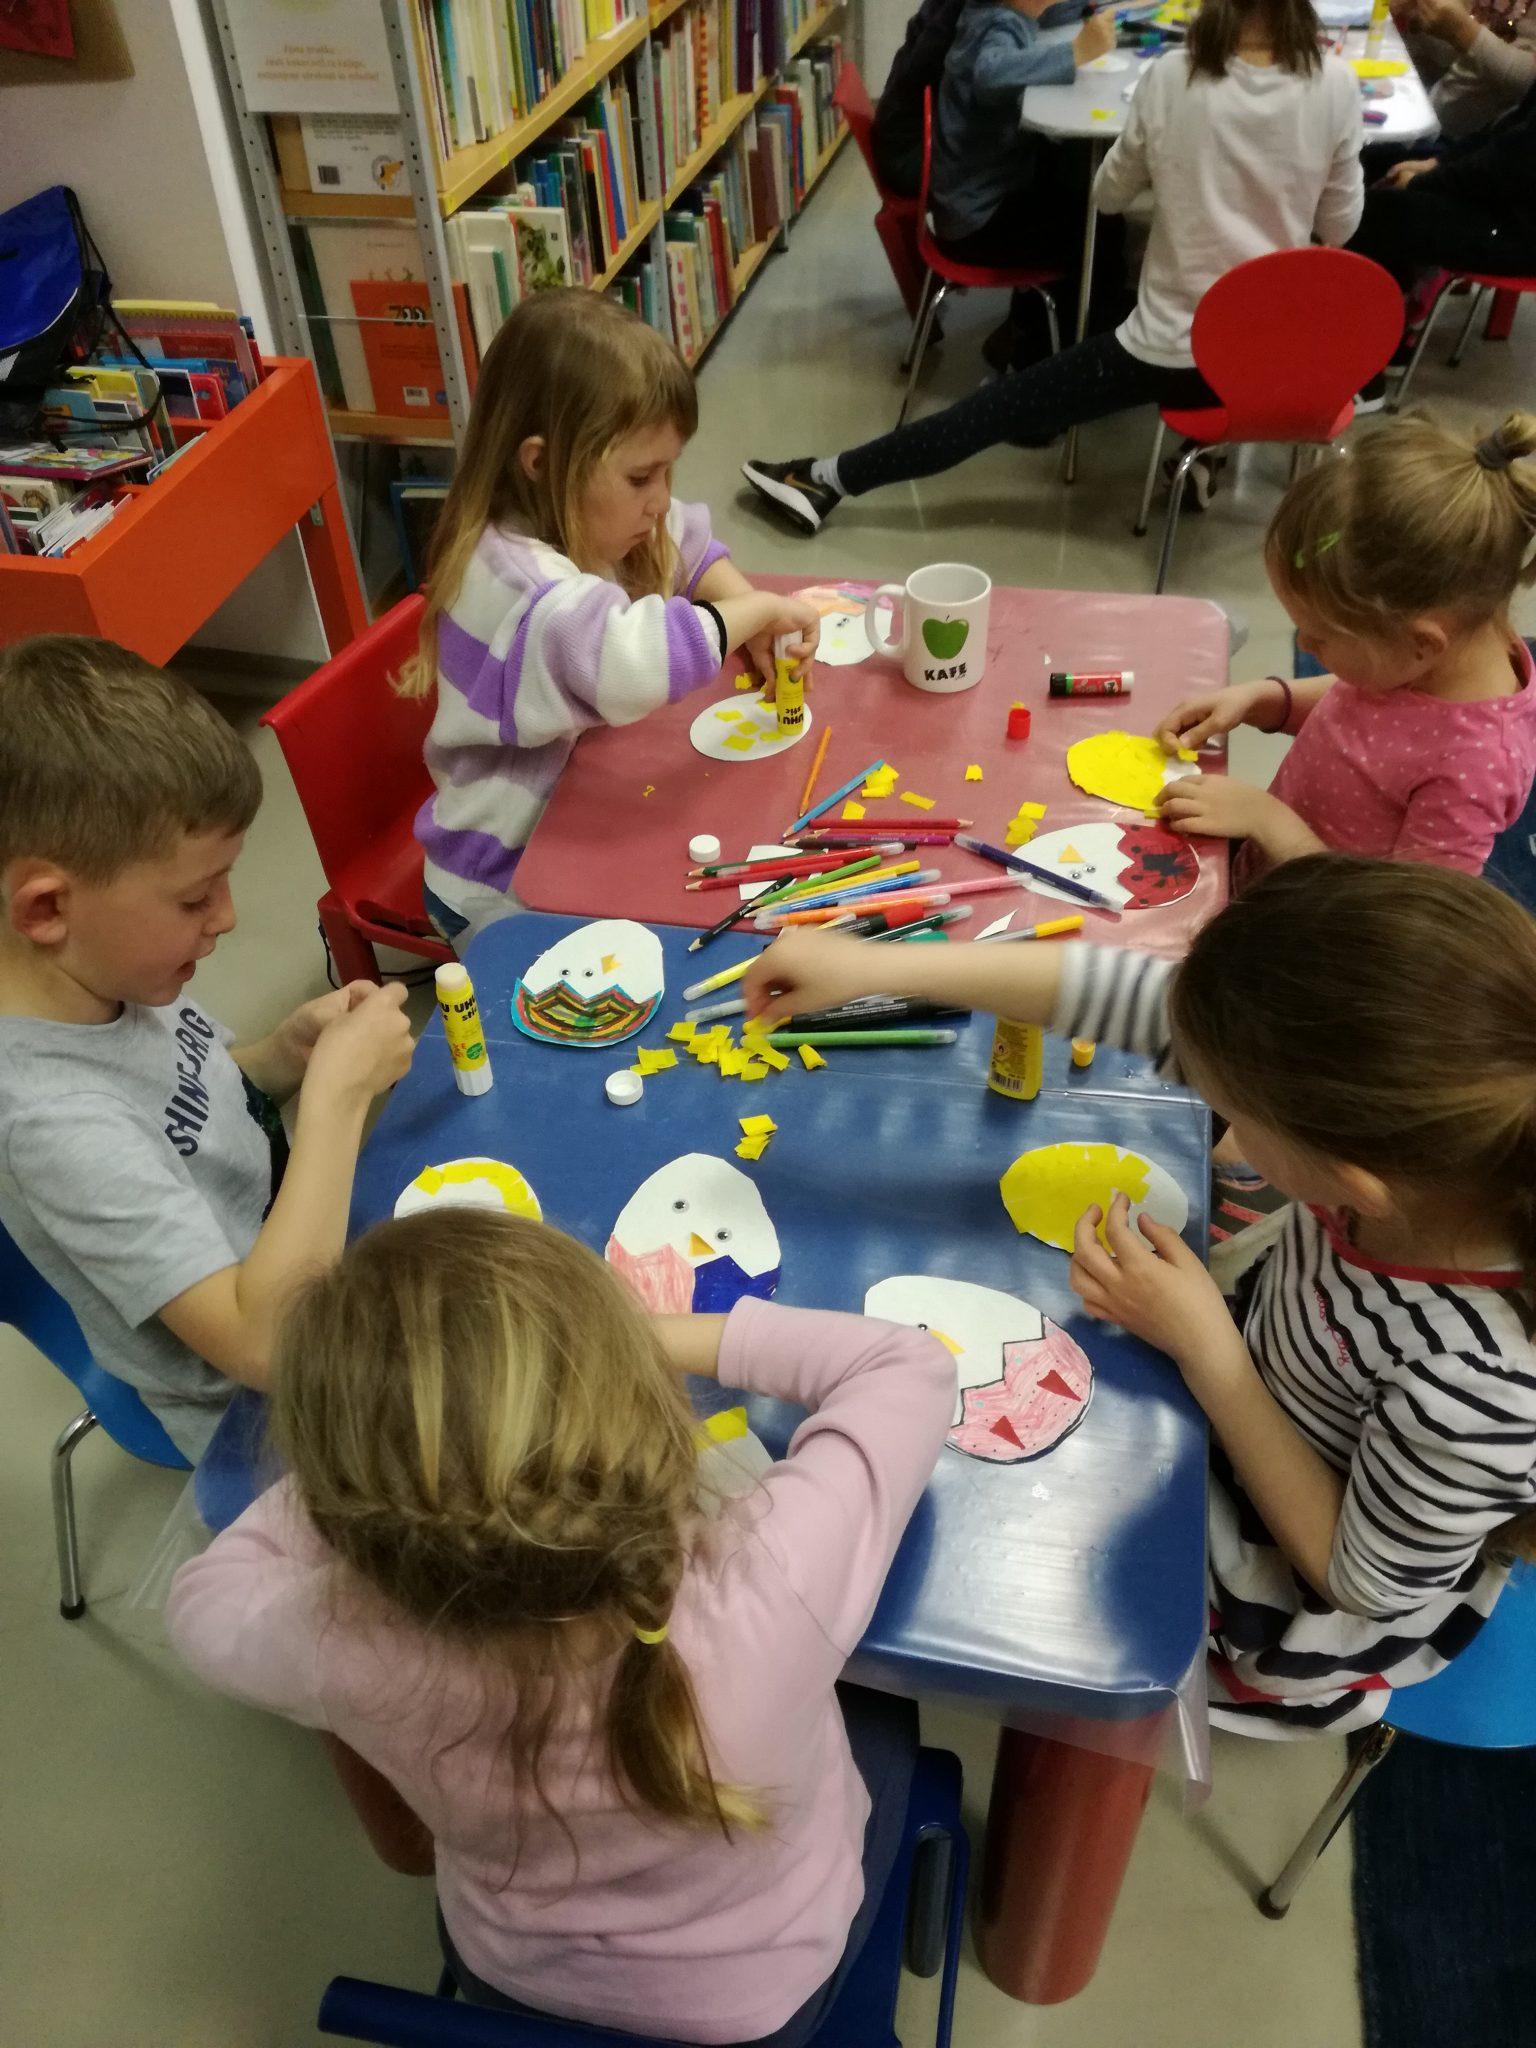 IMG 20190412 180054 - Pravljična ura in ustvarjalna delavnica za otroke od 4. leta dalje - Cerknica